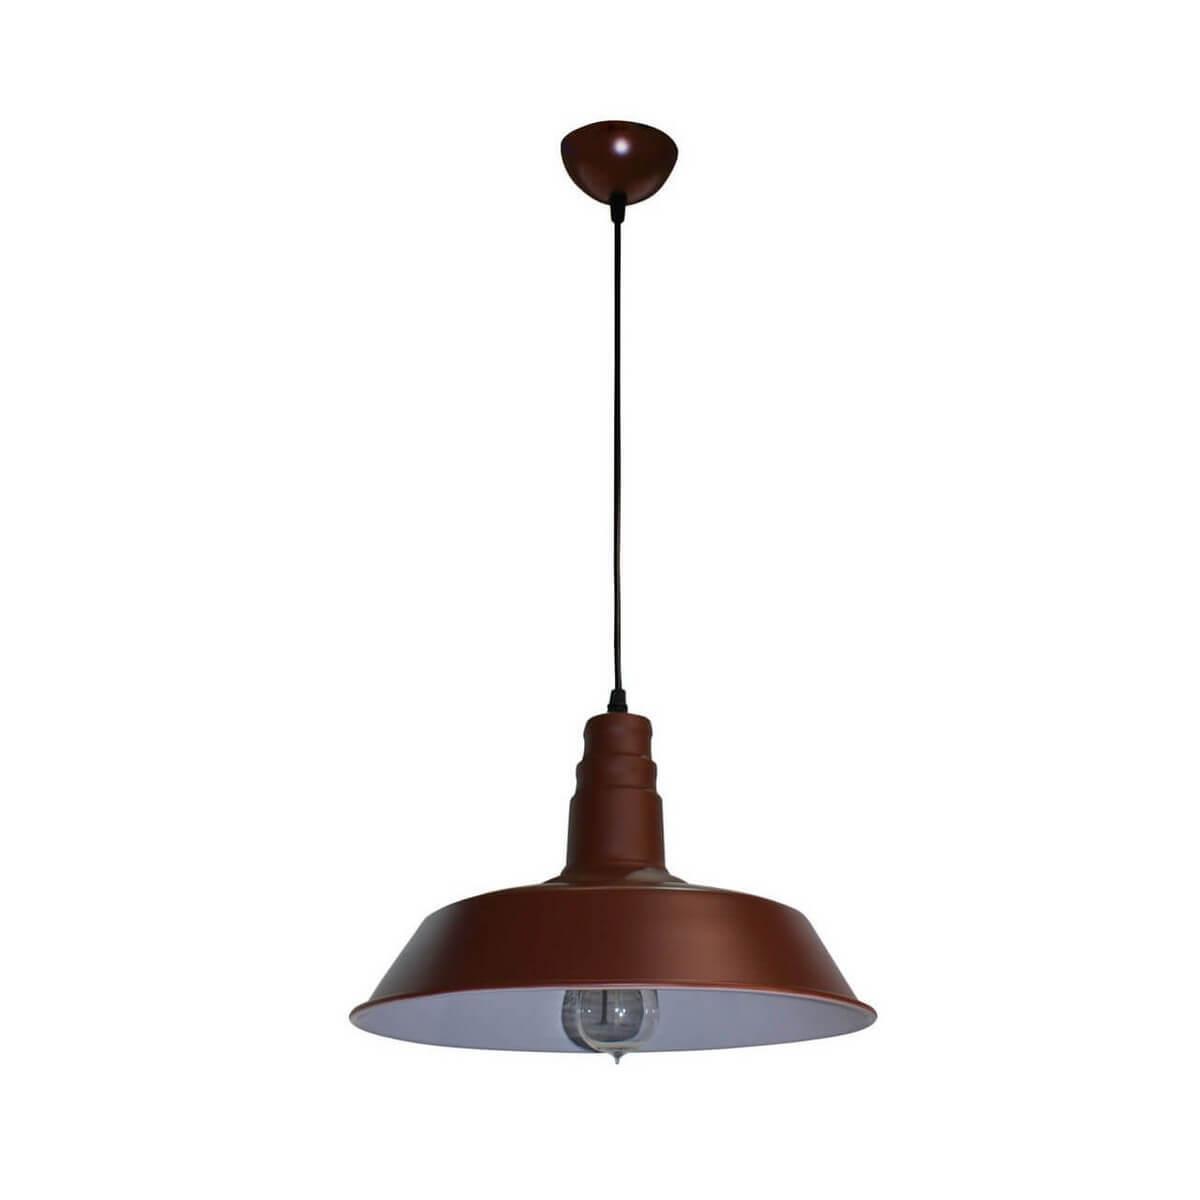 Подвесной светильник Kink Light 08301,04, E27, 40 Вт kink light подвесная люстра kink light бинокли 07840